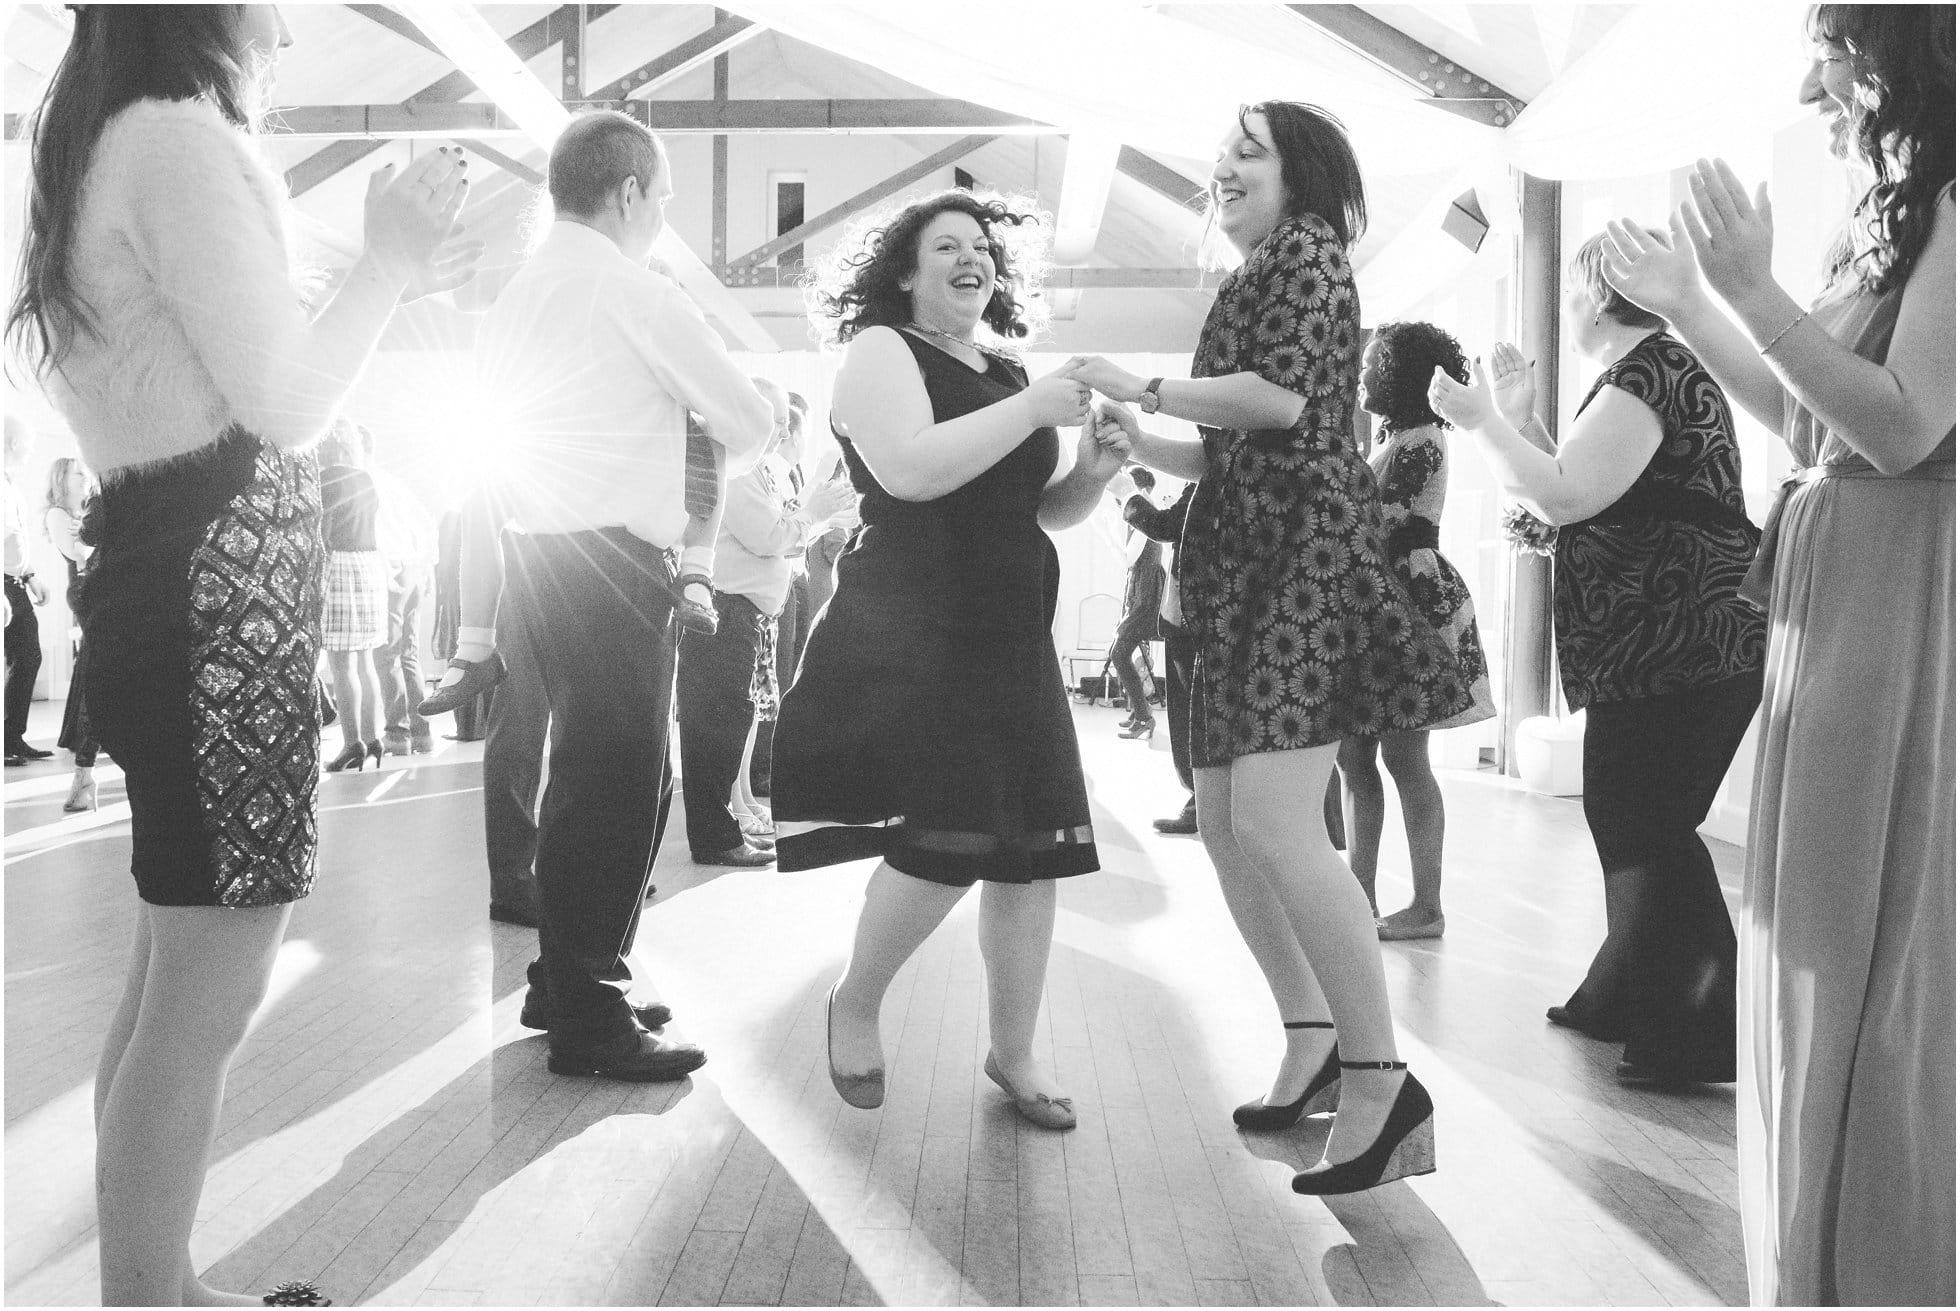 More dancing joy